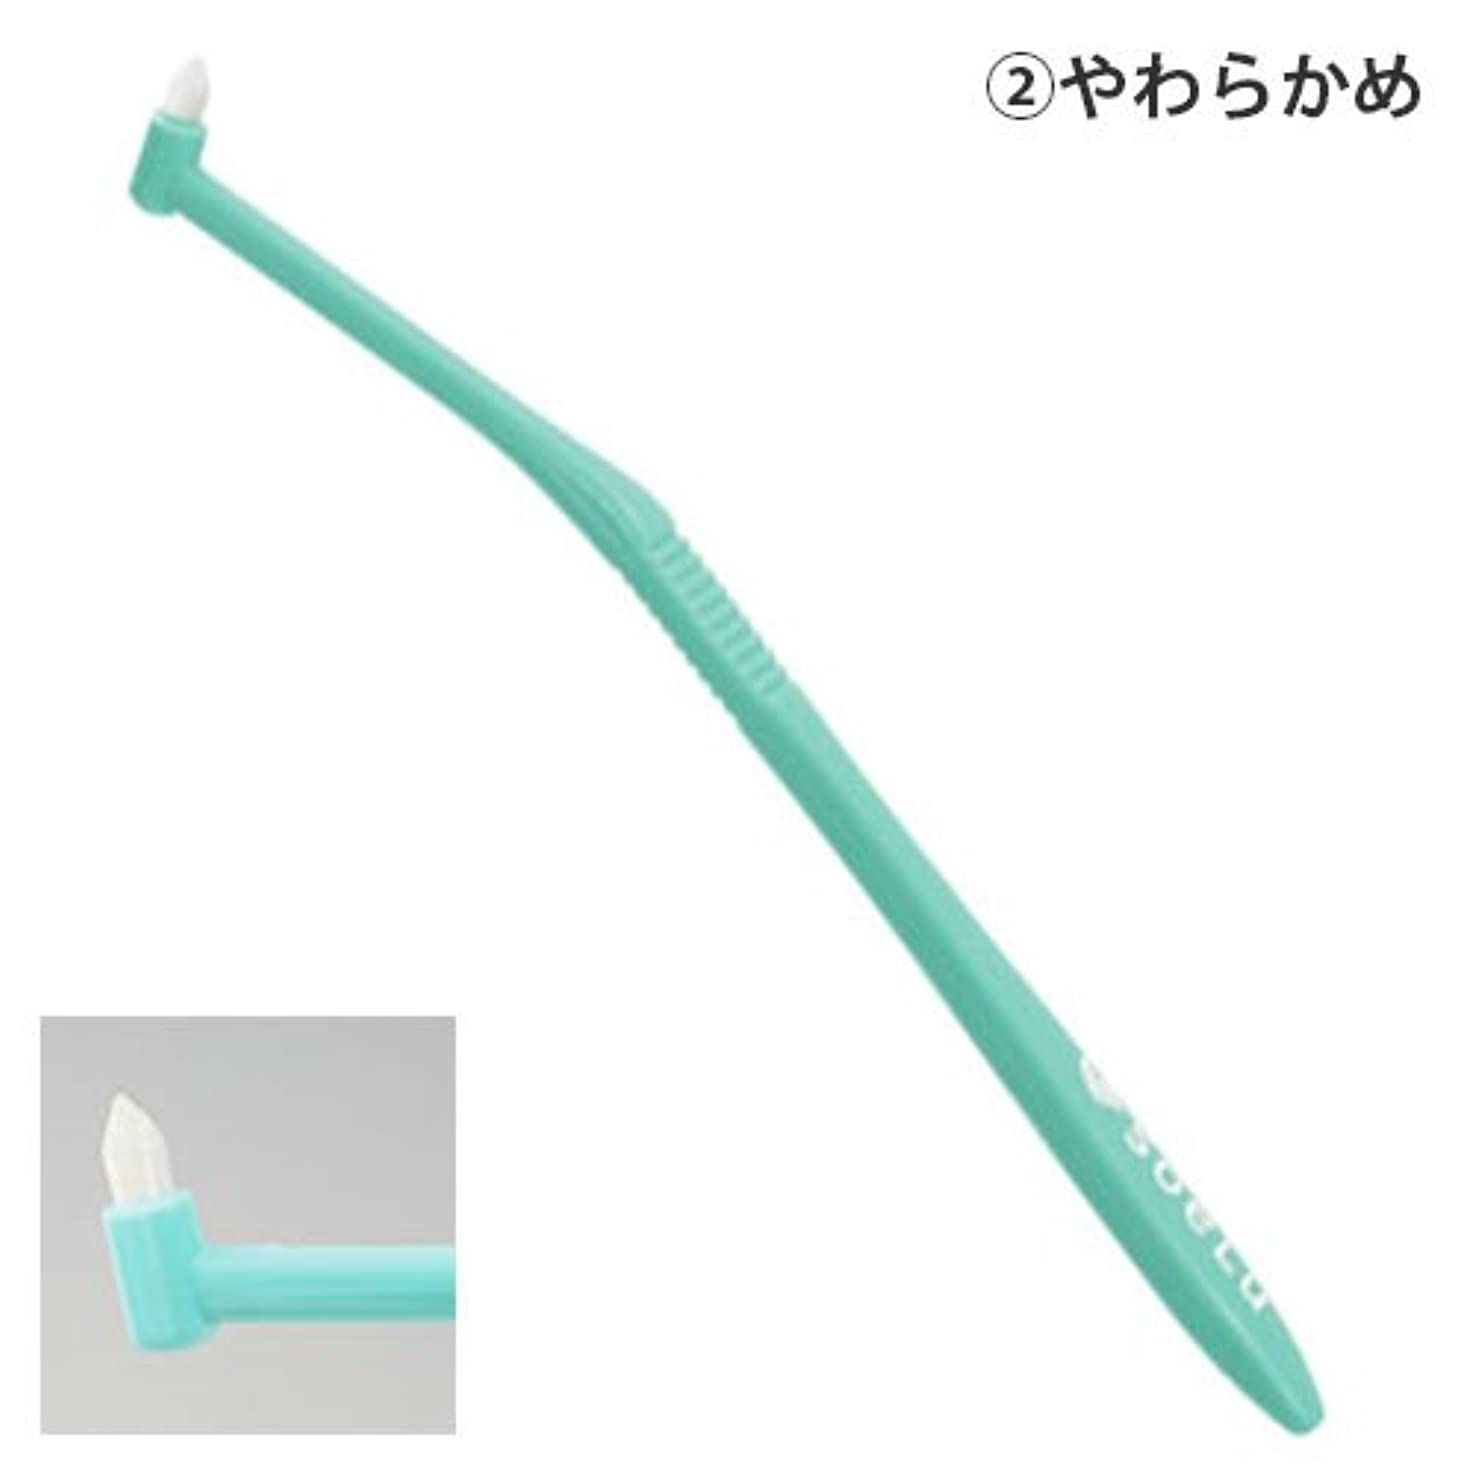 存在するおもしろい最初にソエル 歯ブラシ PLUSやわらかめ